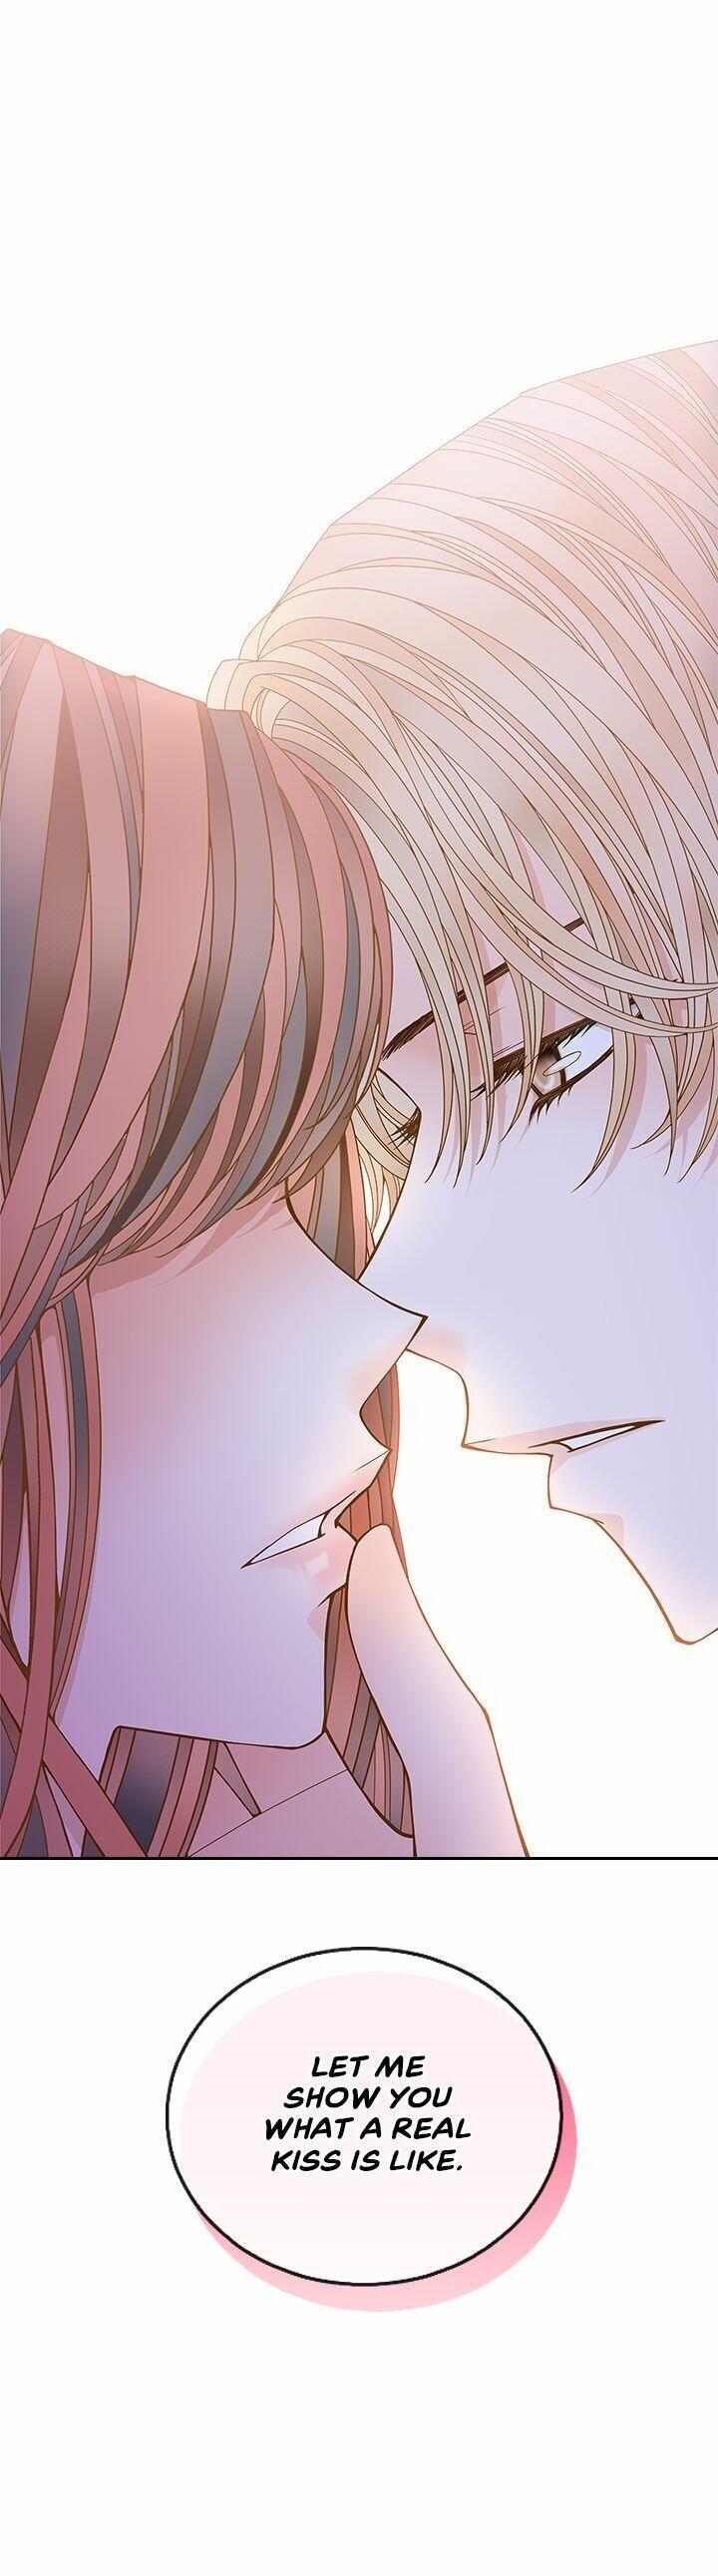 My Bad Younger Man Chapter 47 page 34 - Mangakakalots.com